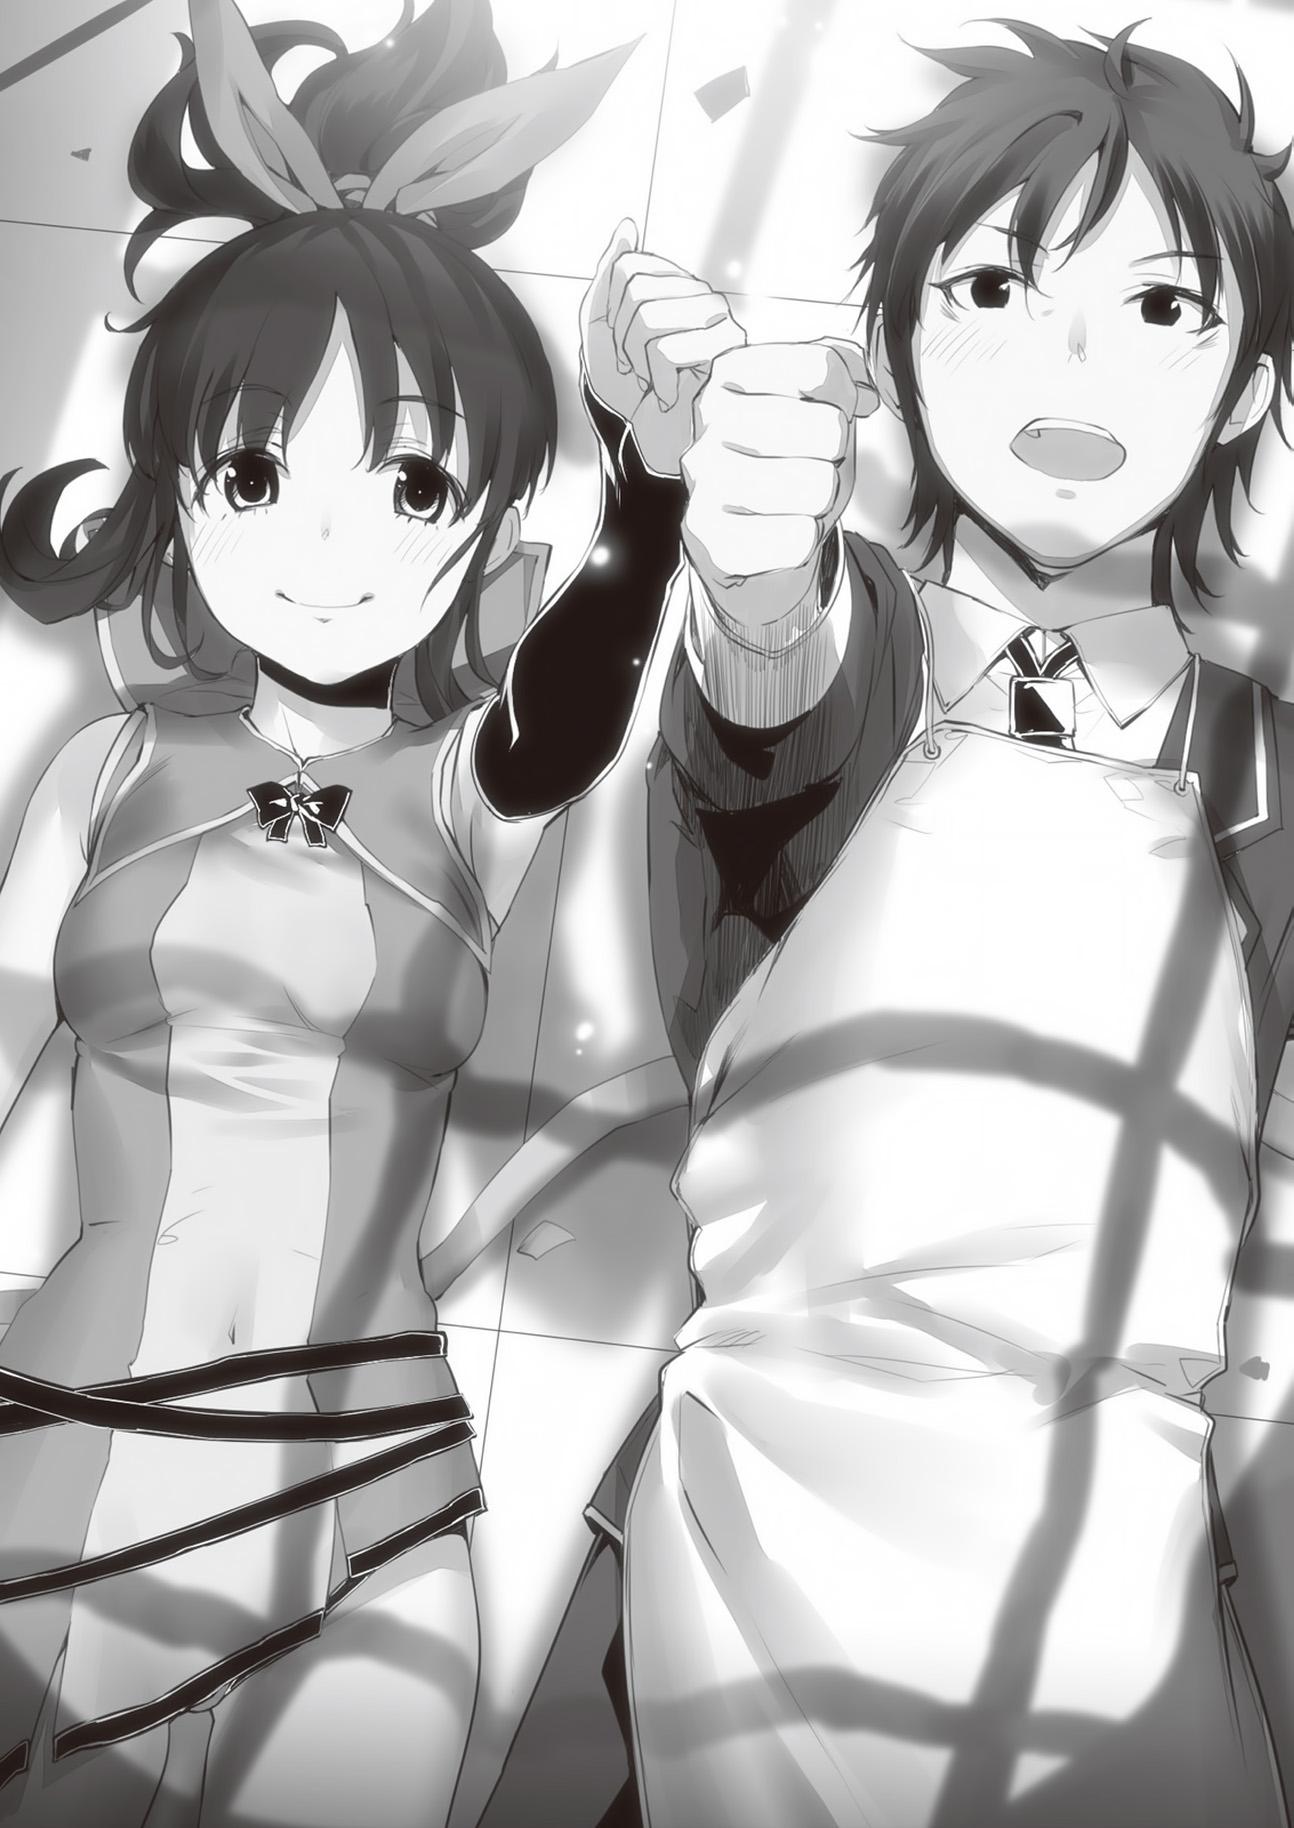 Watch Haganai Next Online Sub Episode List - AnimeKisa